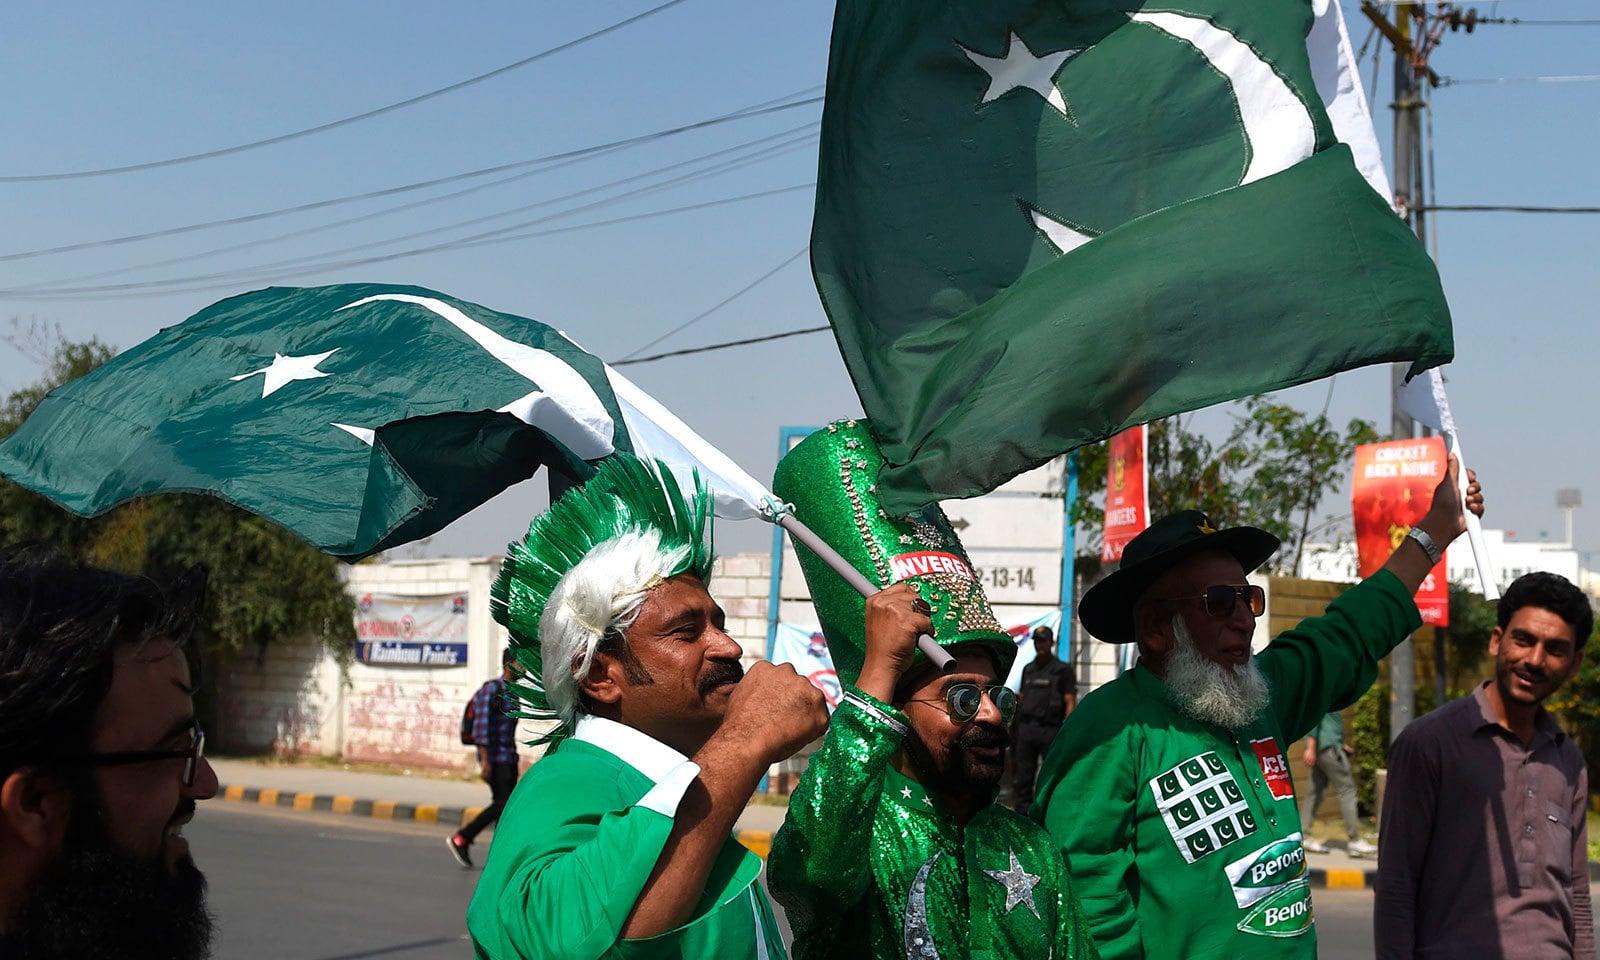 نیشنل اسٹیڈیم کراچی میں تسیرے روز بھی تماشائیوں کا جوش و خروش دیدنی تھا—فوٹو:اے ایف پی